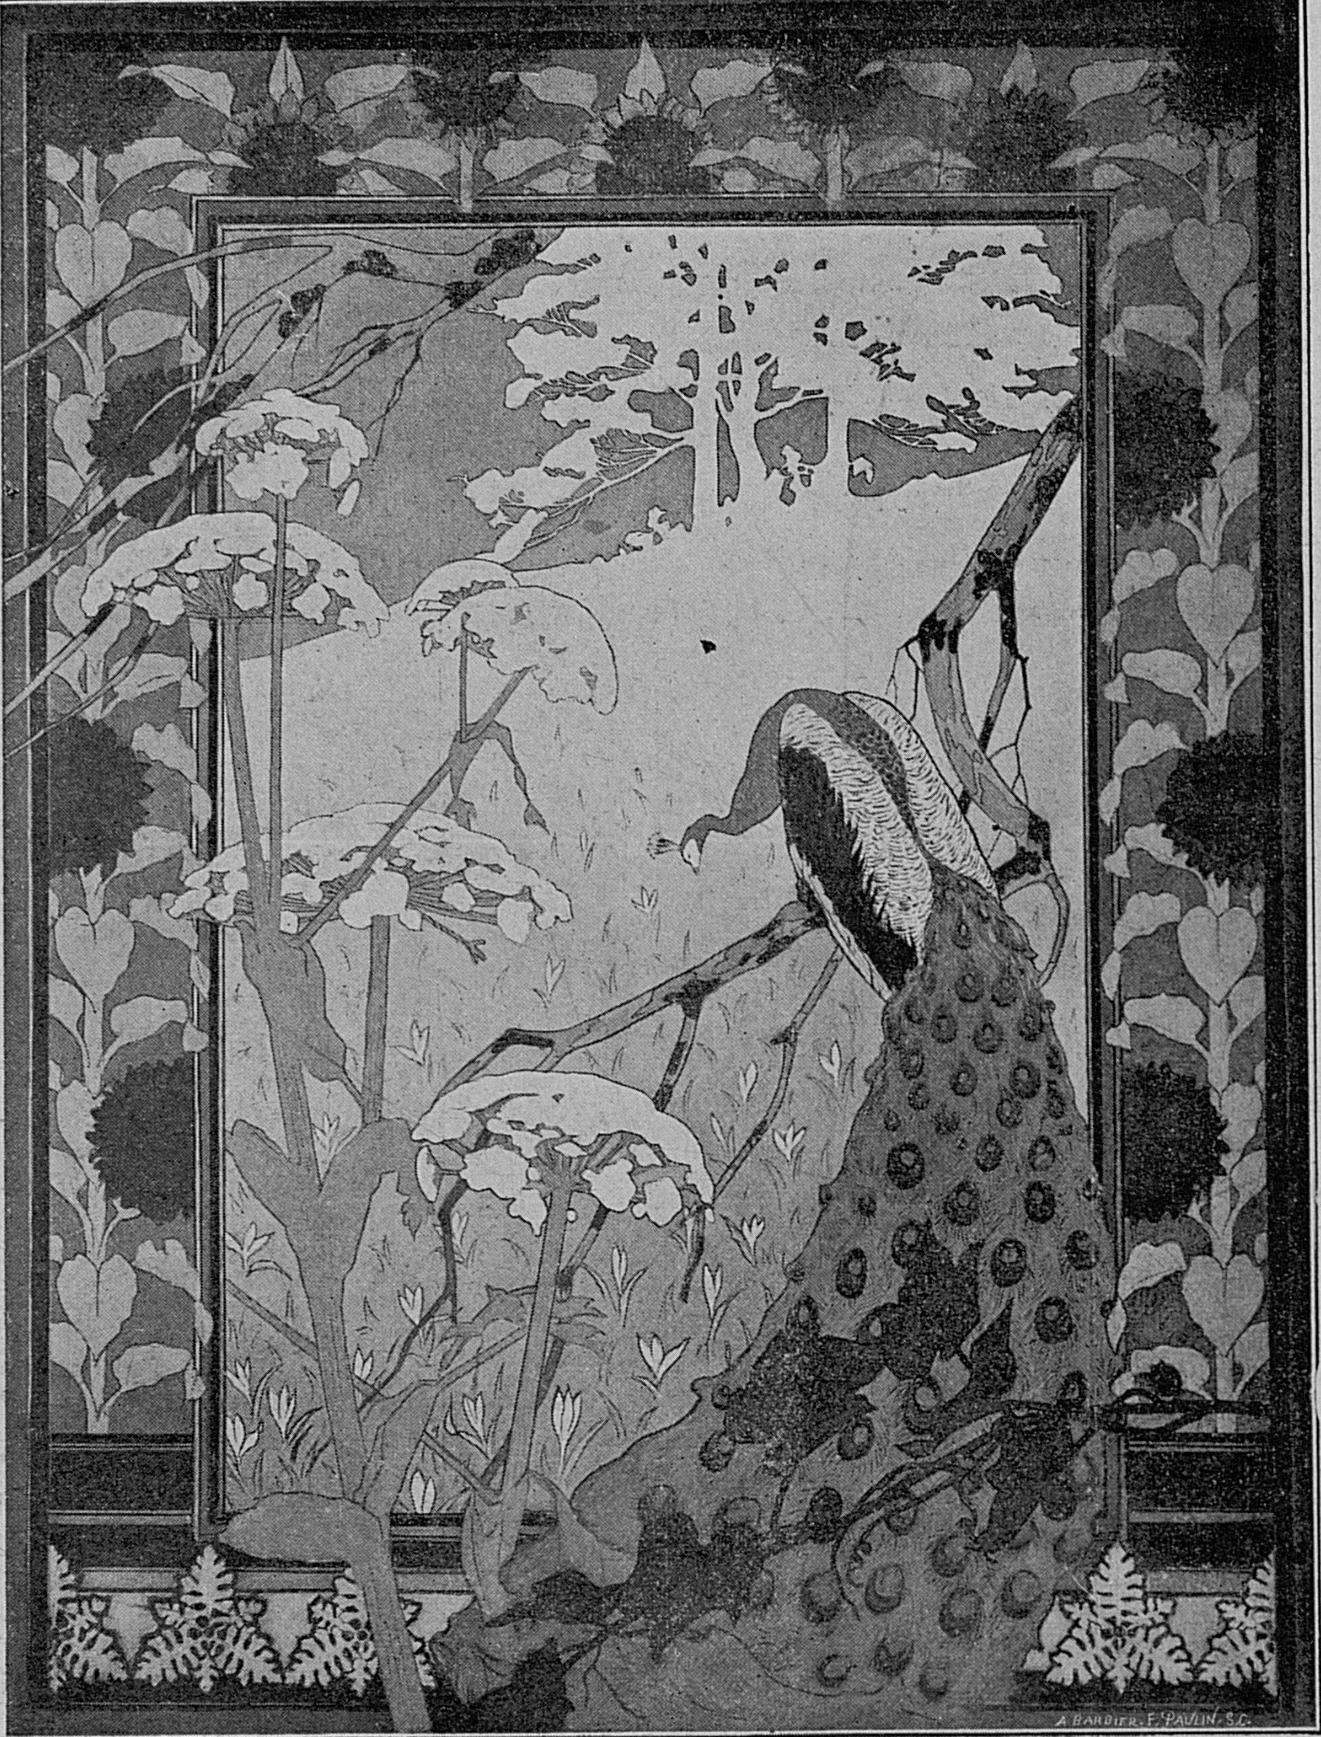 Contenu du Illustration extraite de Lorraine Artiste du 01-04-1899